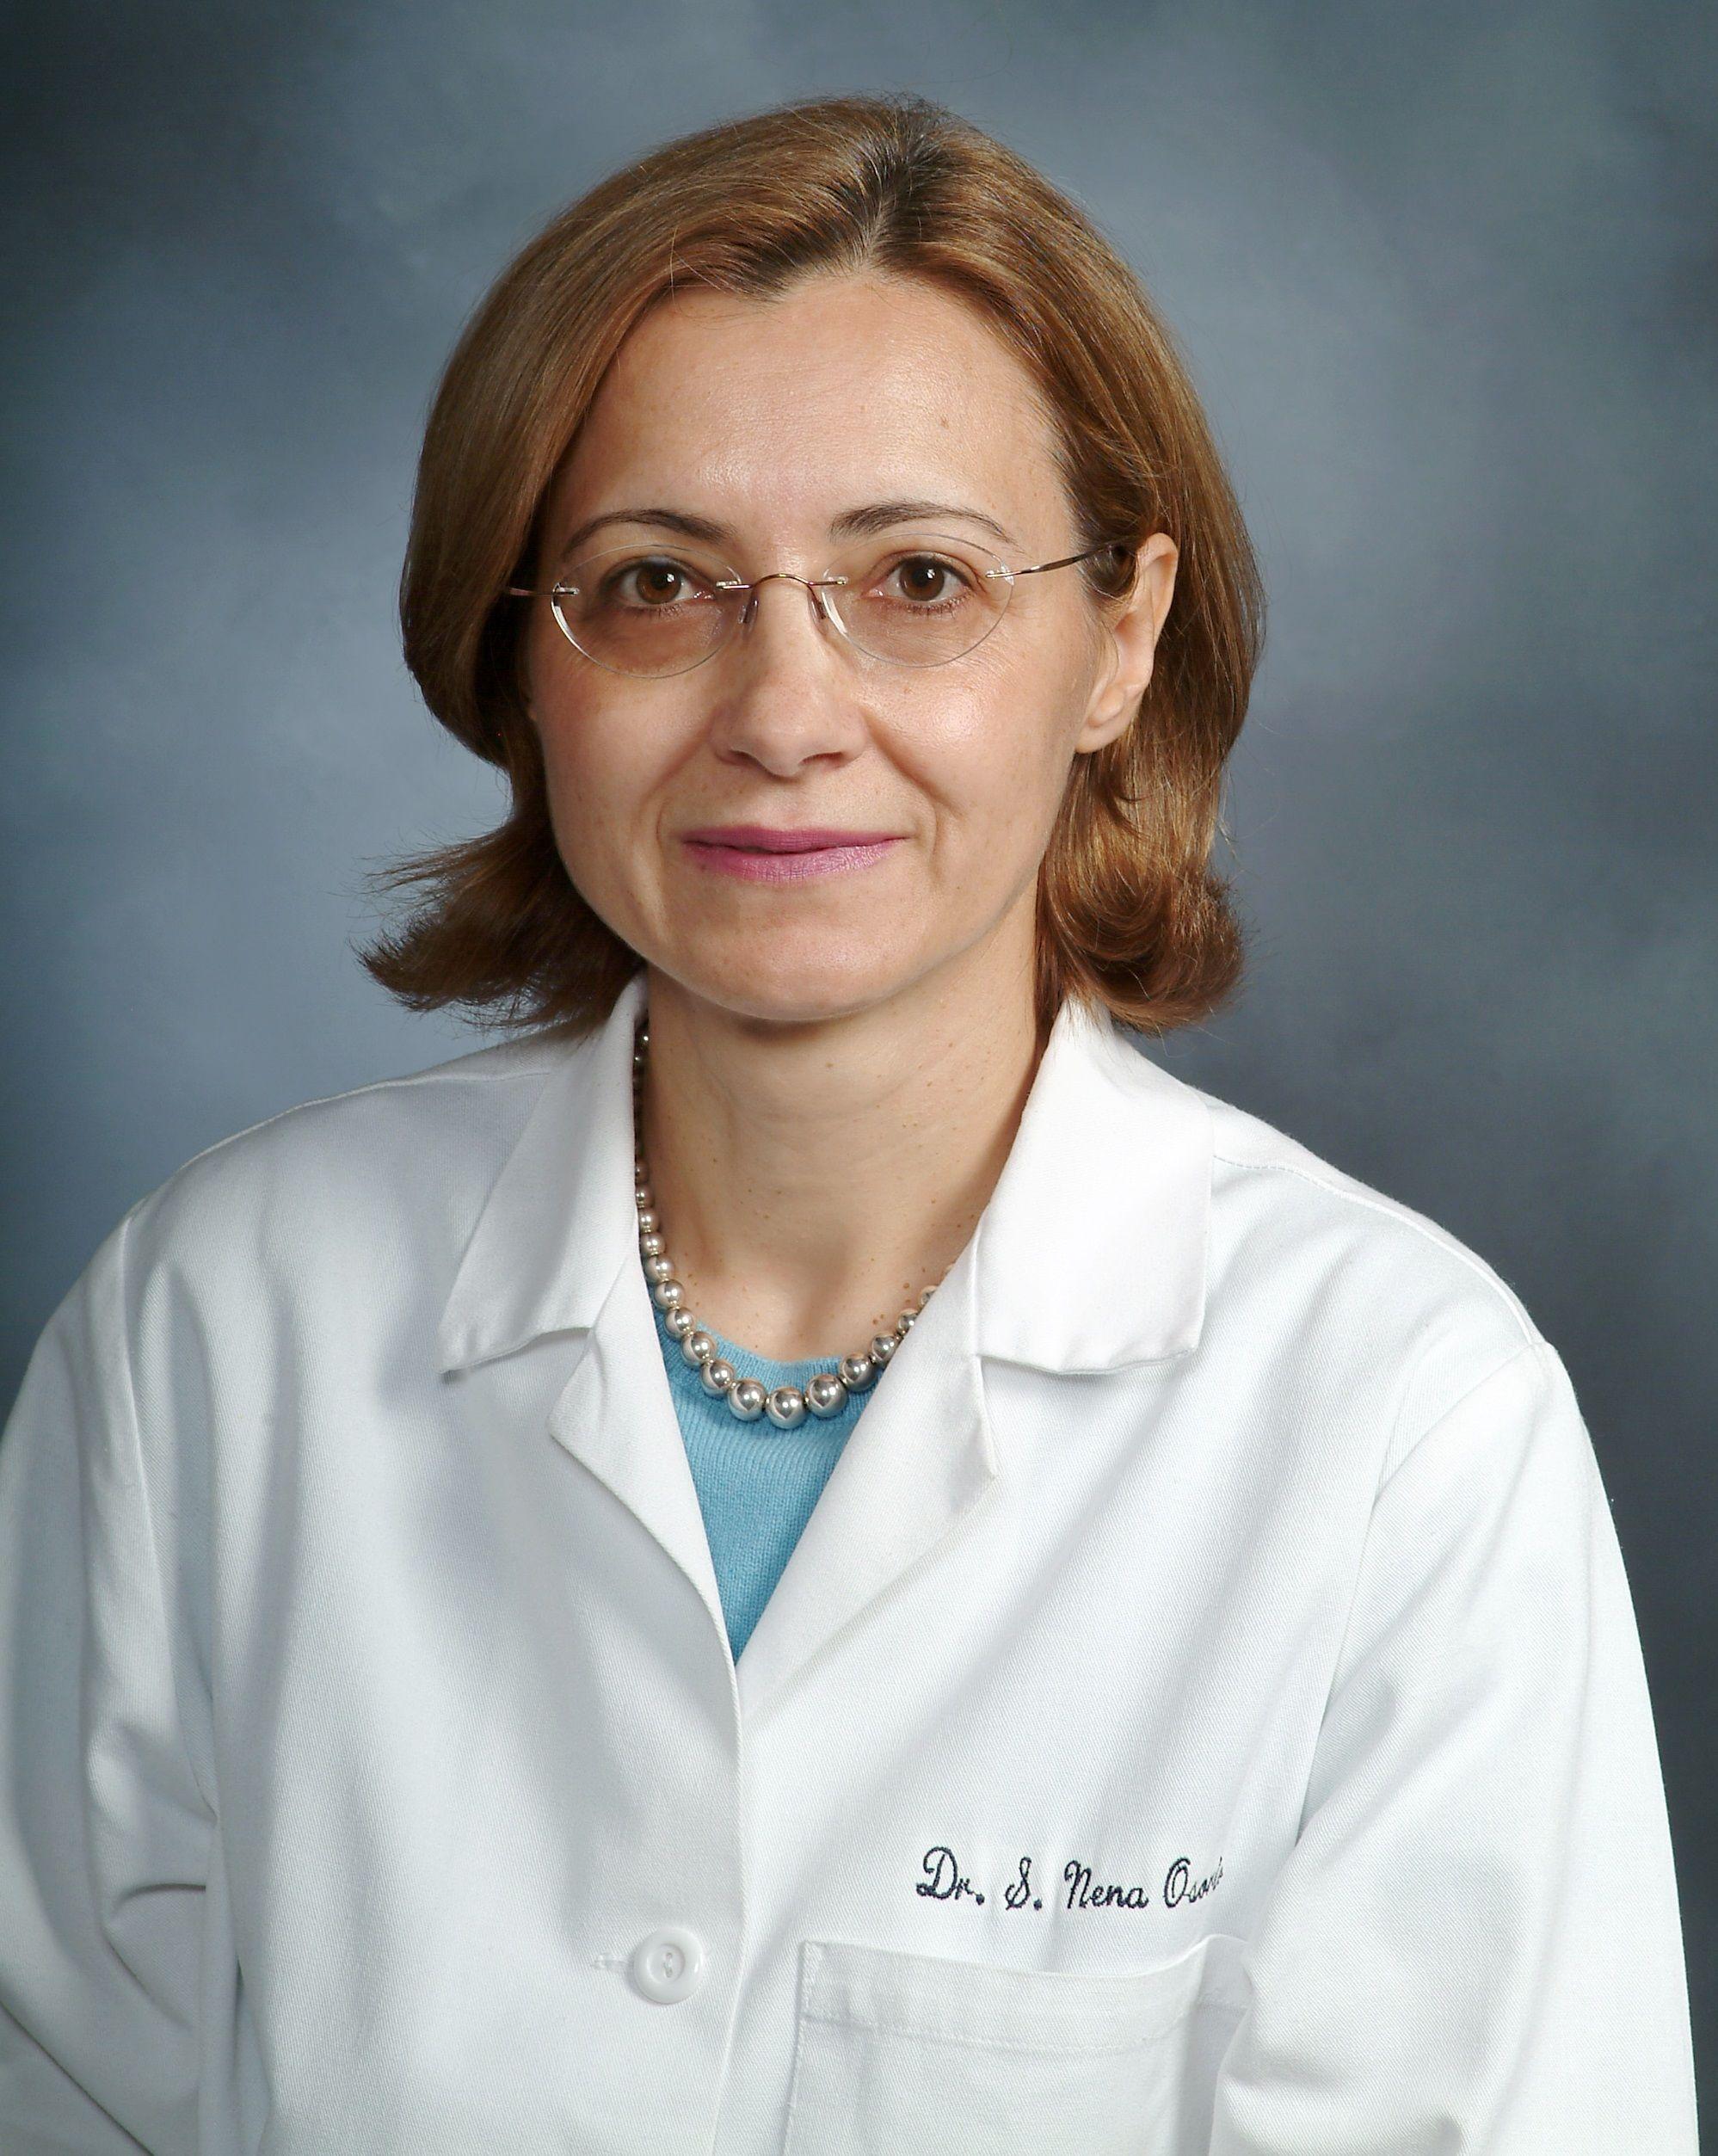 Dr. Nena Osorio